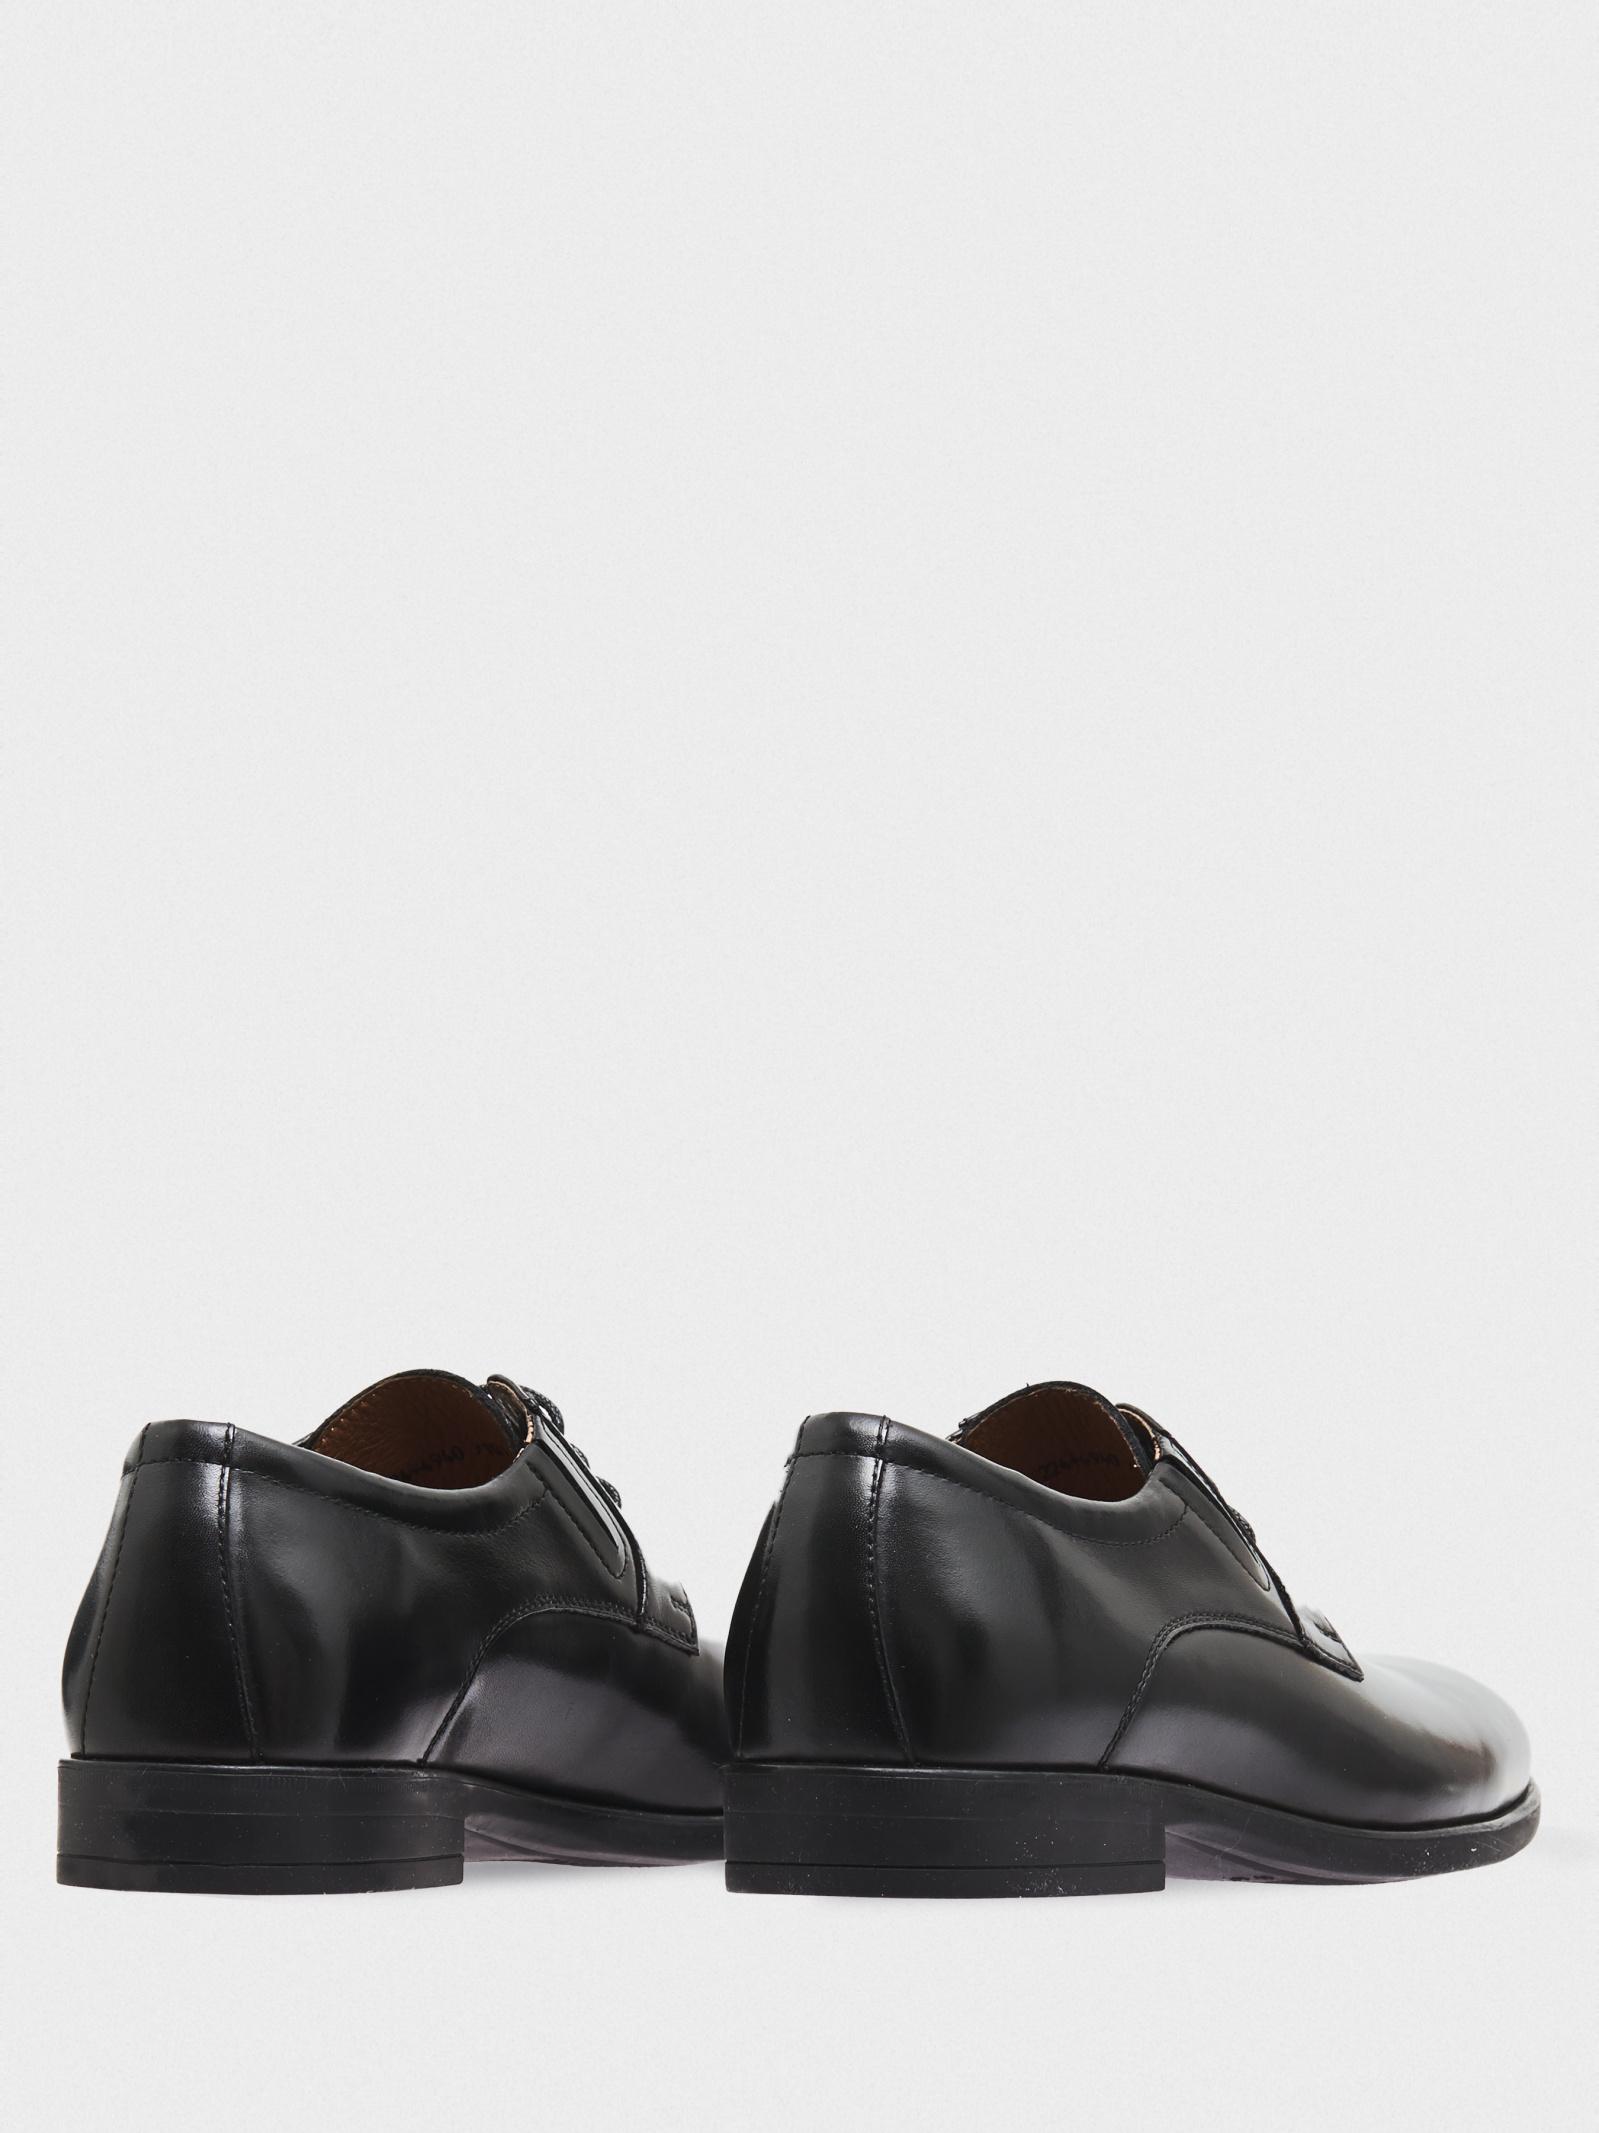 Туфли для мужчин Braska 224-4940/101 модная обувь, 2017